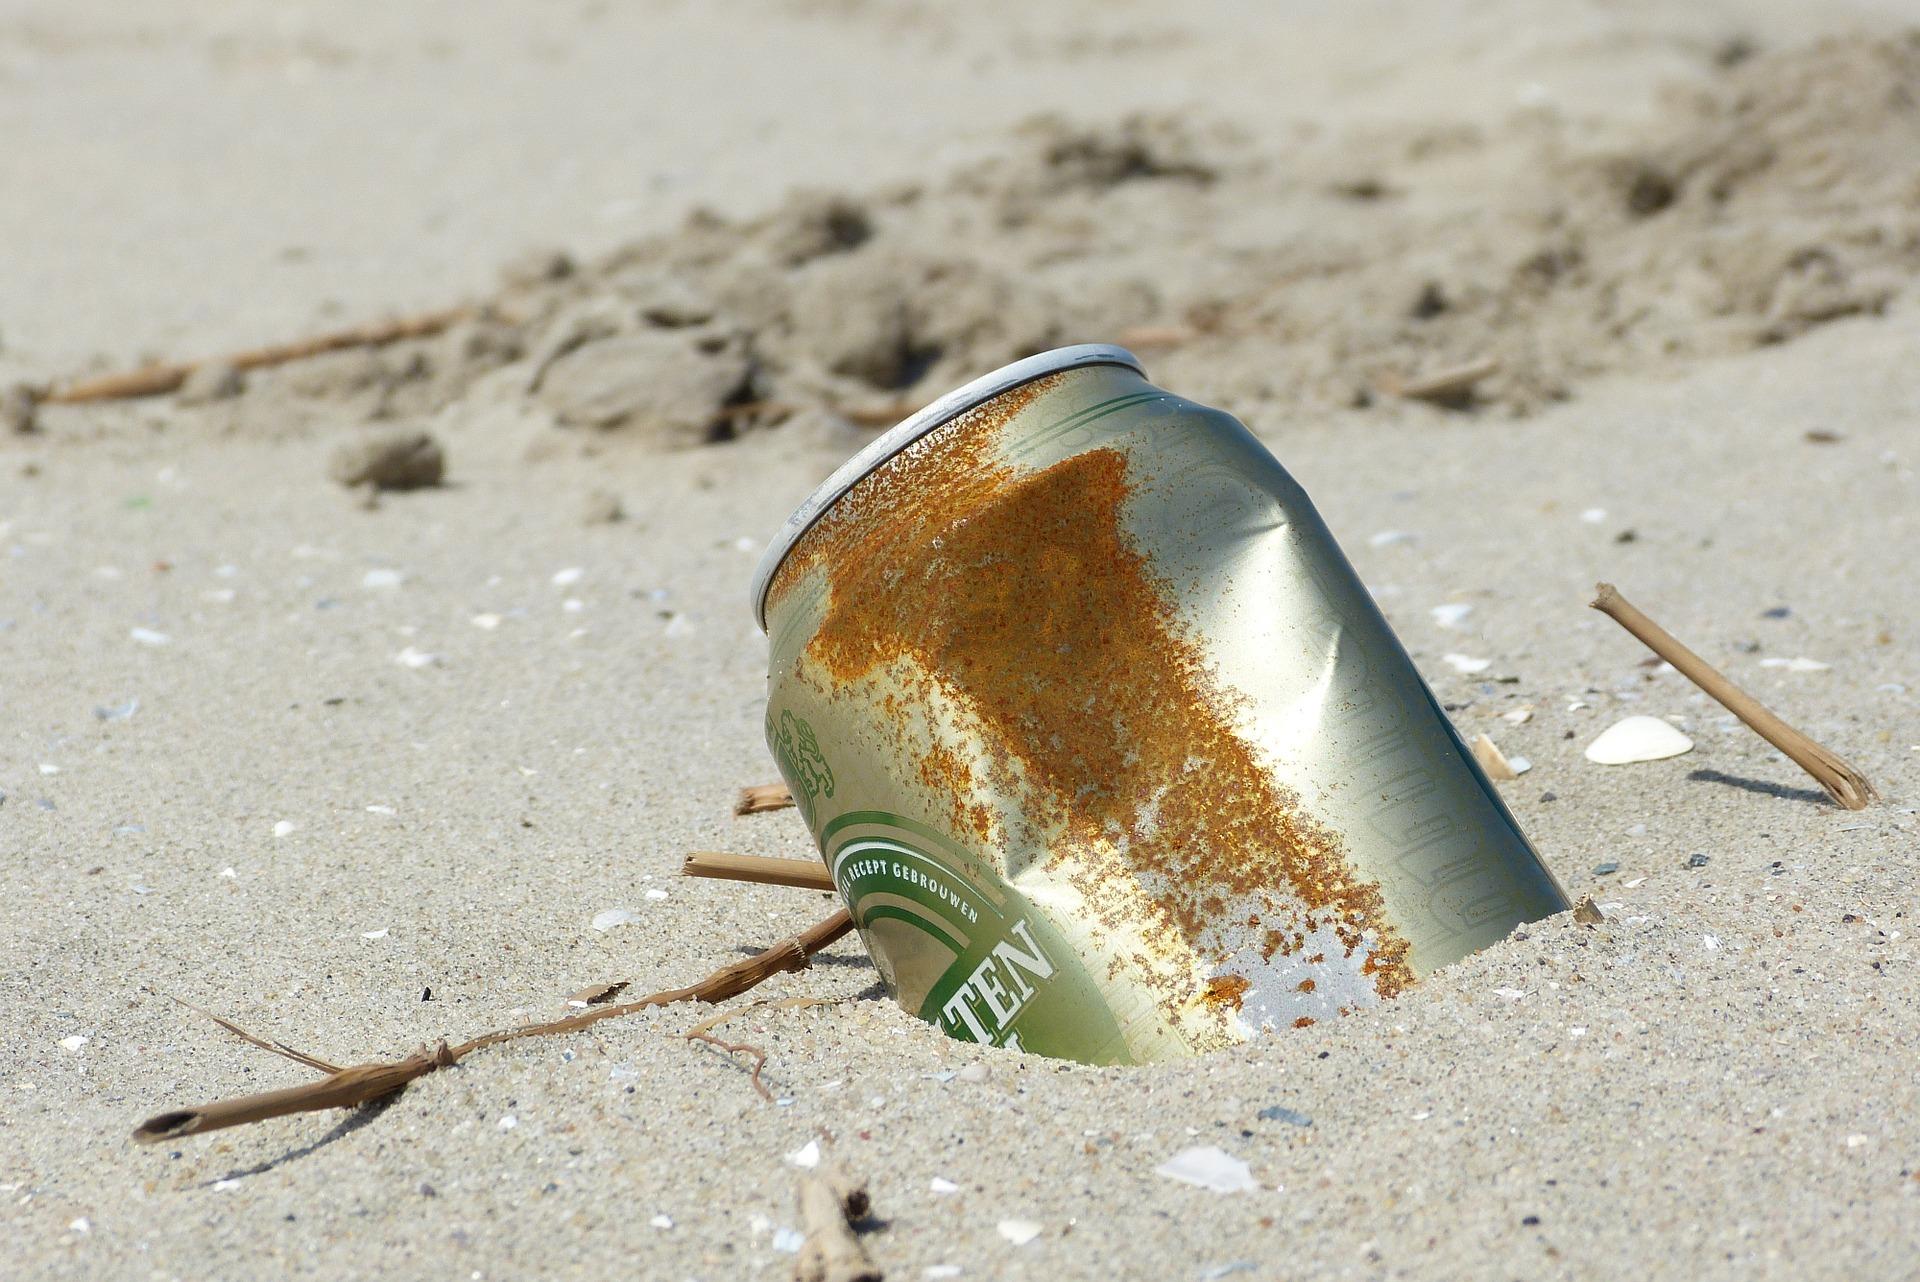 Открыта запись на бесплатный онлайн-курс ООН по проблемам морского мусора